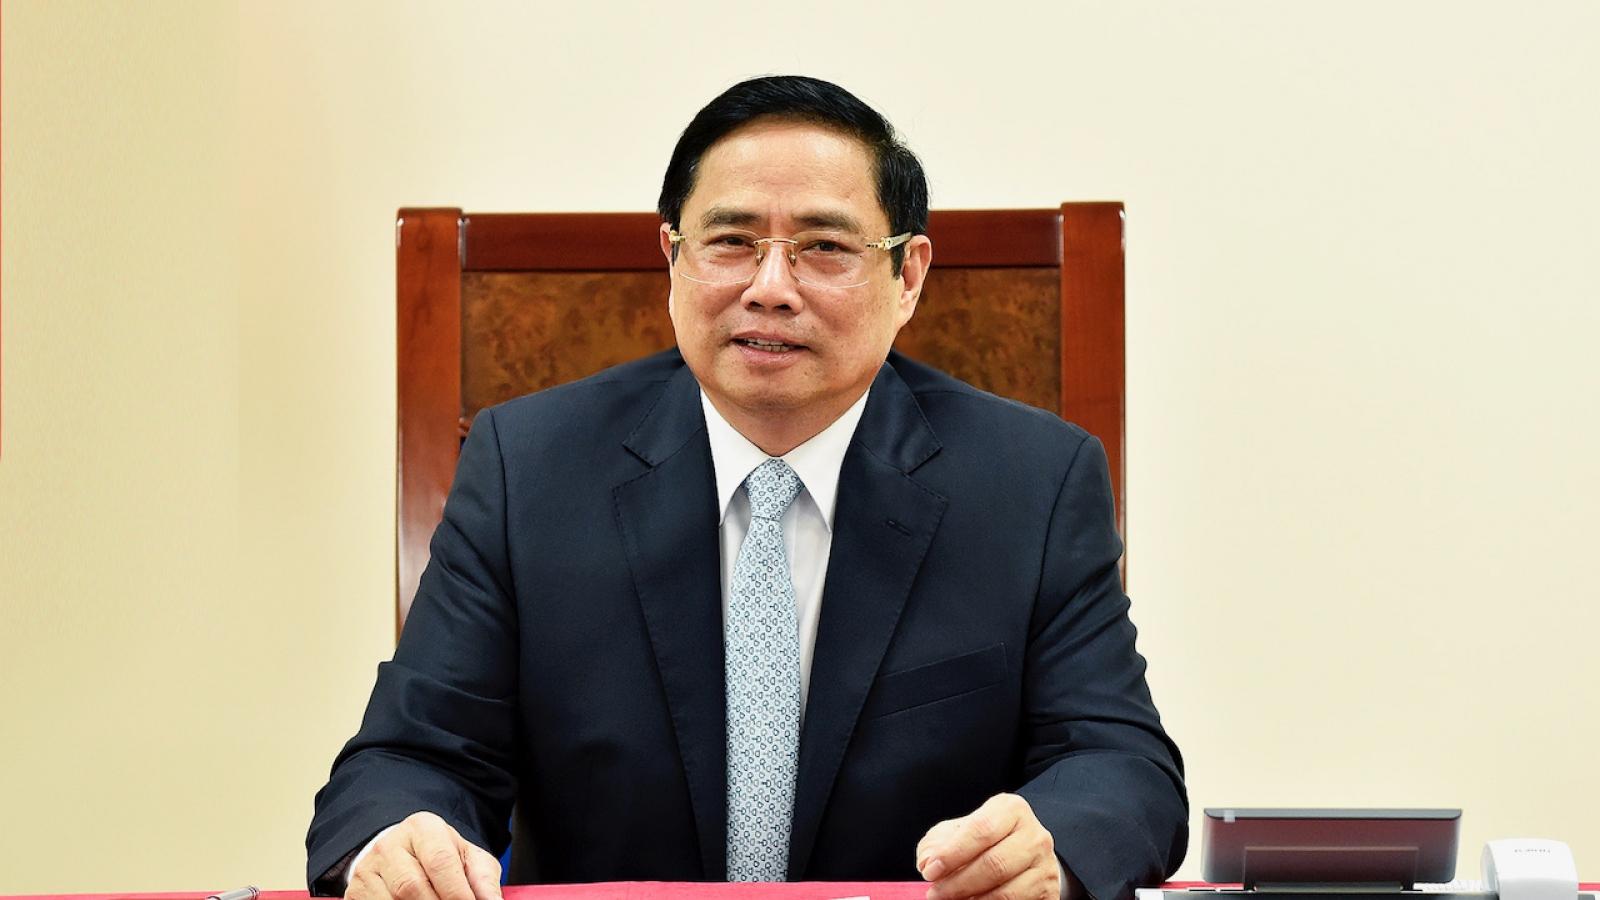 Thủ tướng Việt Nam và Pháp nhất trí thúc đẩy hợp tác trên nhiều lĩnh vực